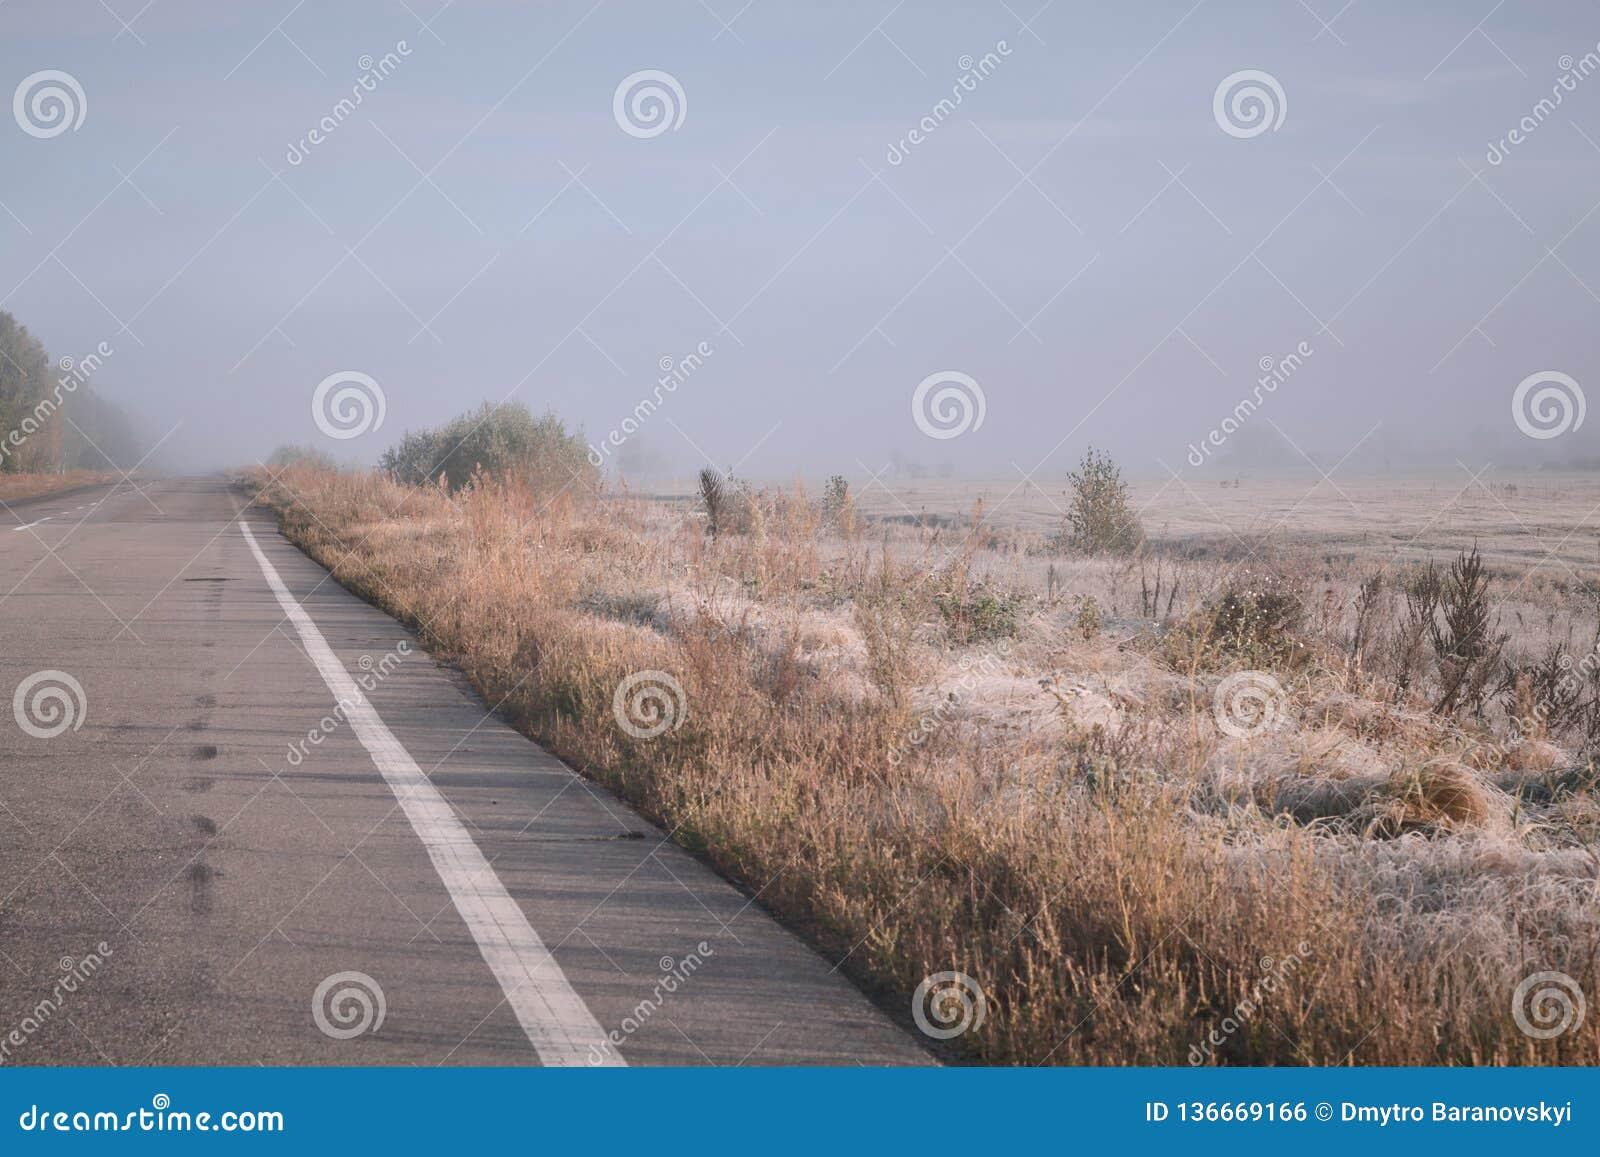 Vägen går in i avståndet in i dimman Rimfrost på gräs